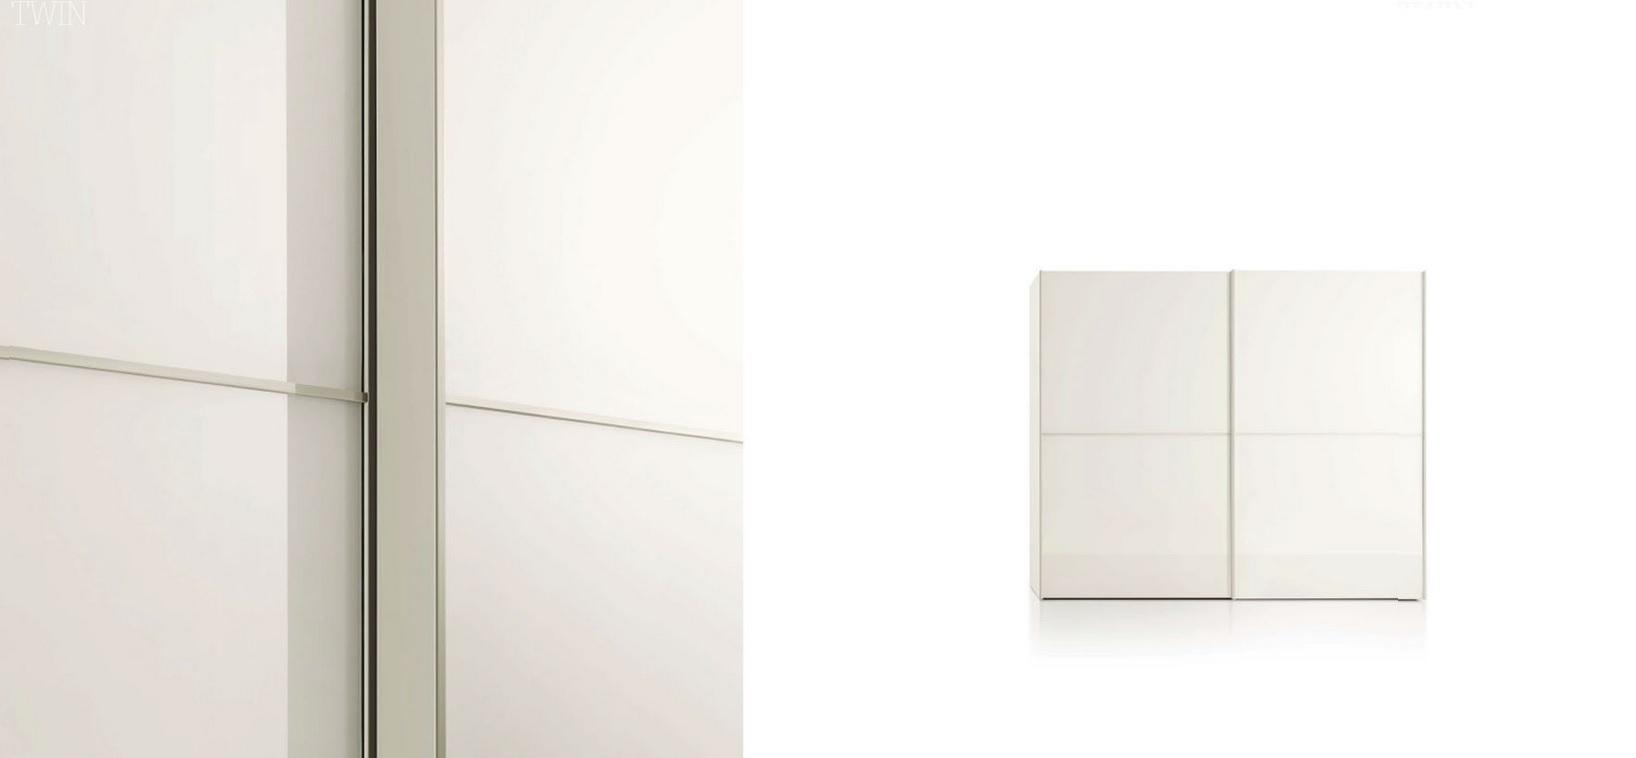 Armadio in vetro o specchio ante scorrevoli san giacomo - Specchio adesivo per anta armadio ...